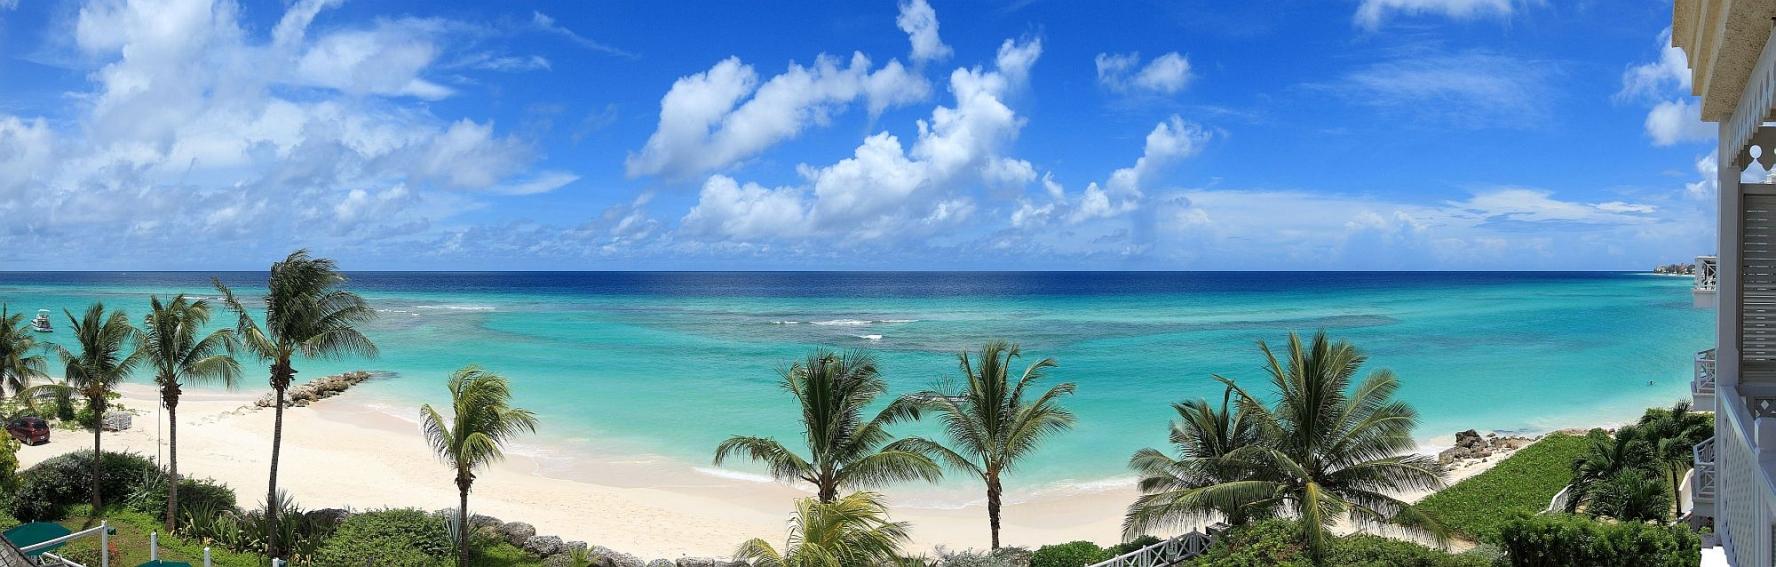 Coral Sands Barbados